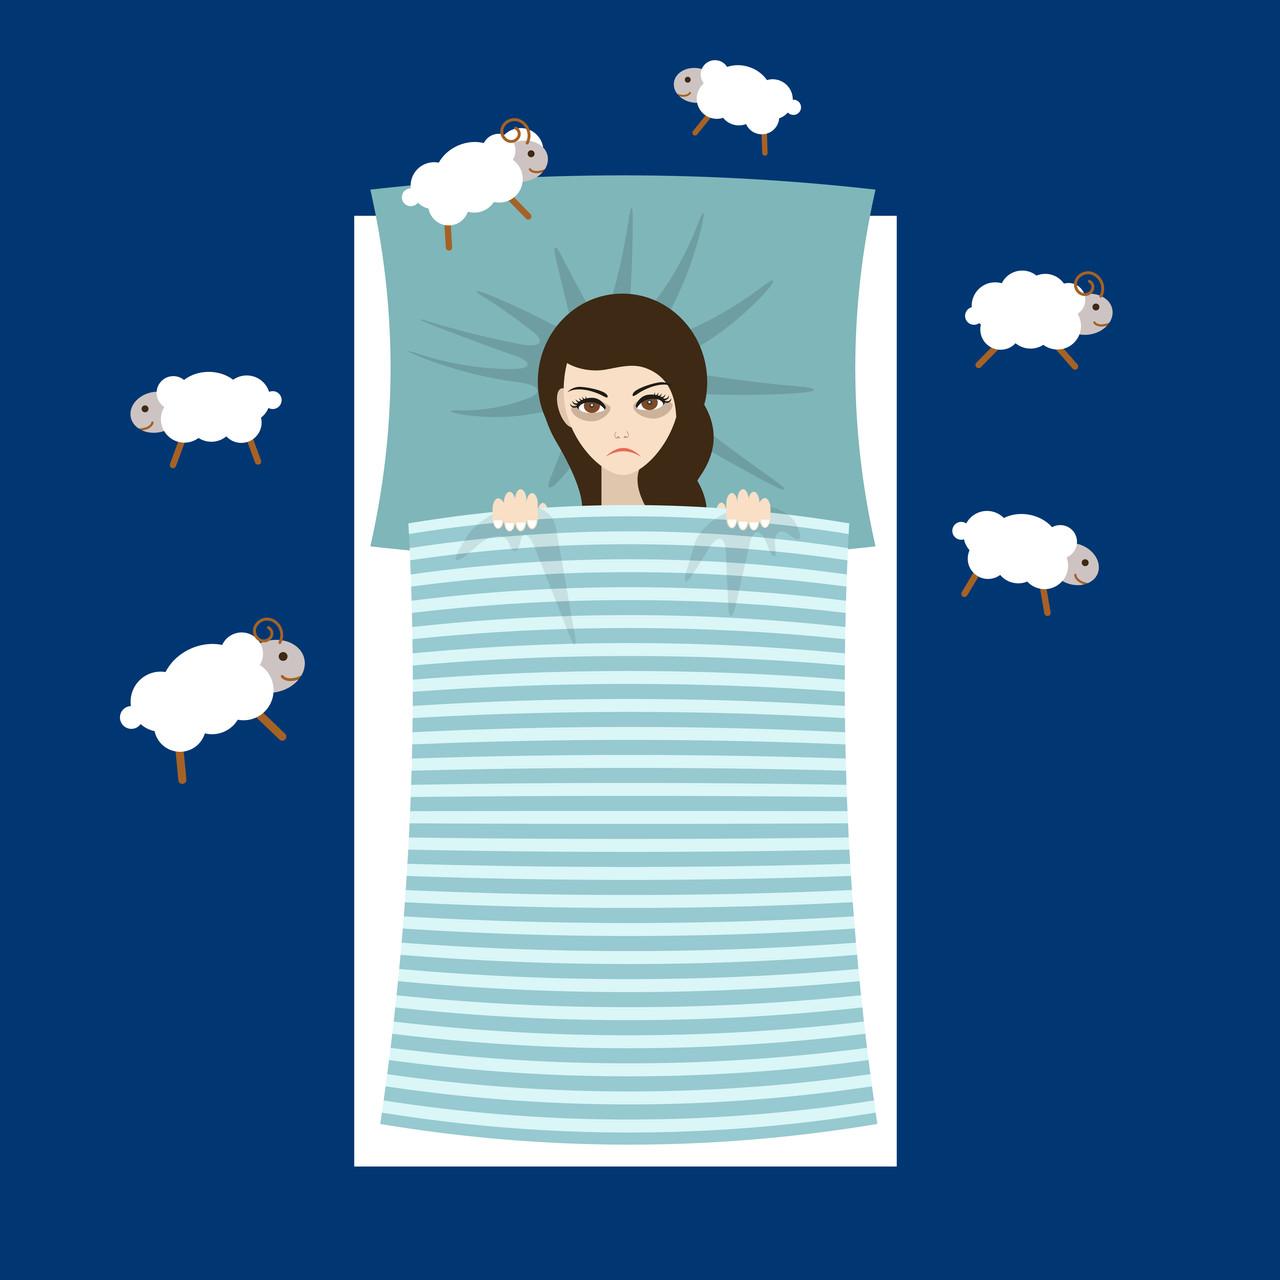 Když už se nechcete celou noc převalovat: 7 tipů pro lepší spánek